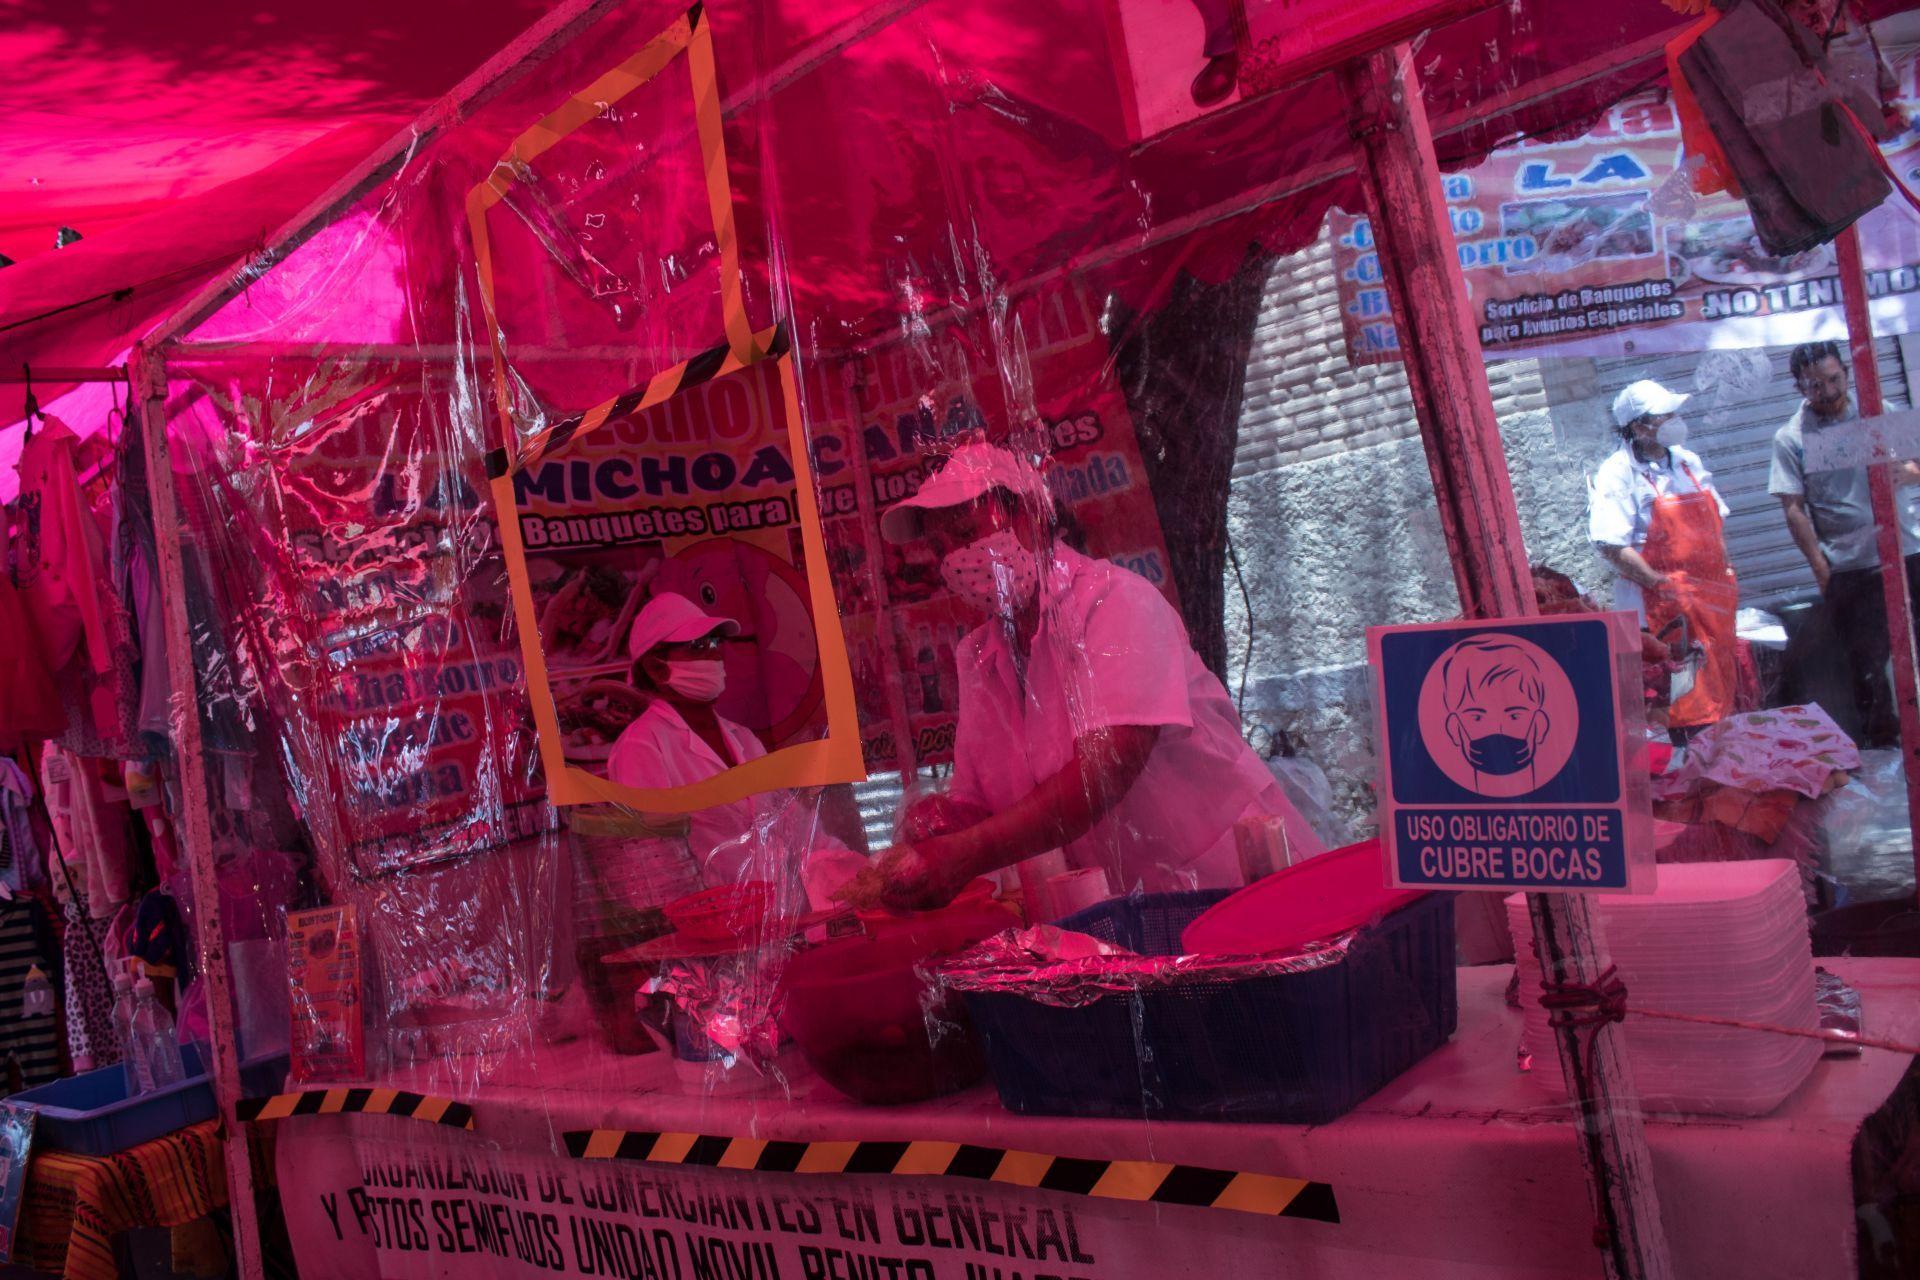 Los 19 tianguis que suspenden actividades por semáforo rojo